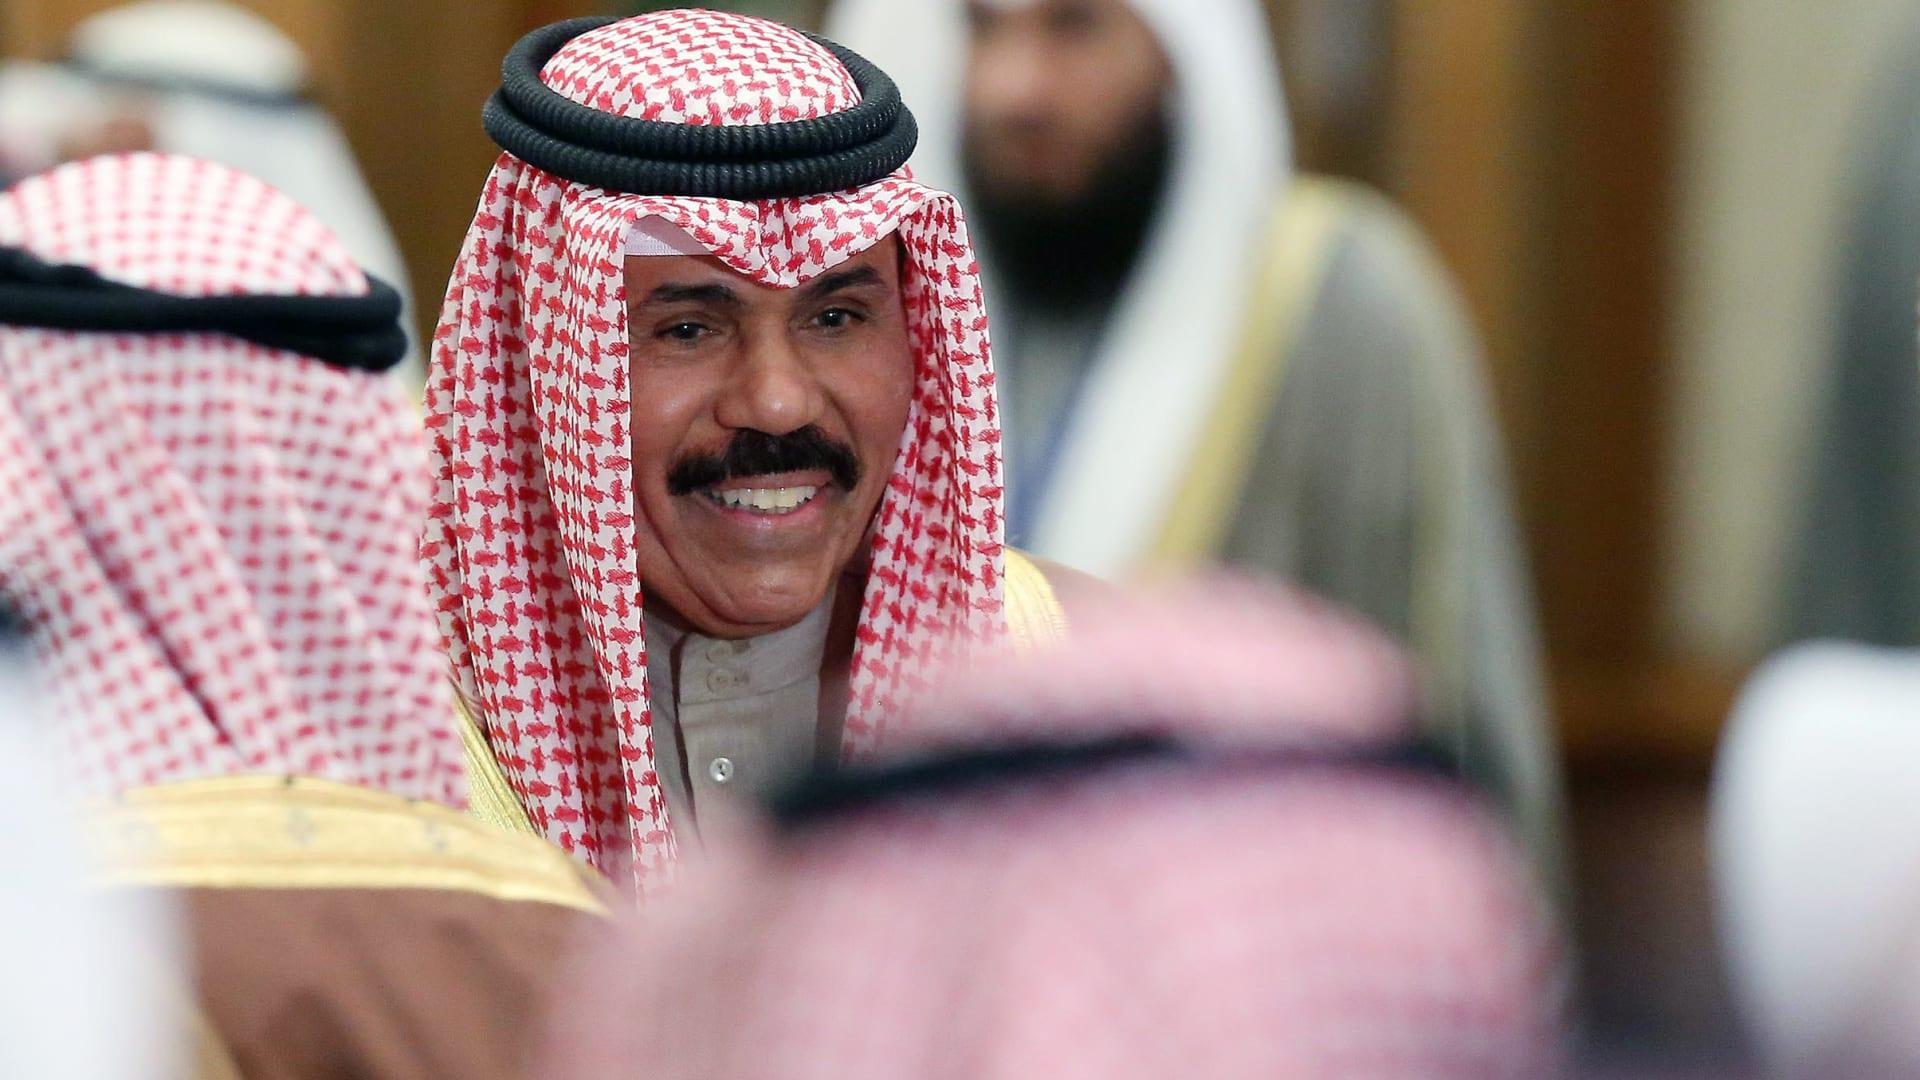 """ولي عهد الكويت يحذر من """"فتنة التسريبات"""".. ويتعهد بمحاسبة جميع الفاسدين"""